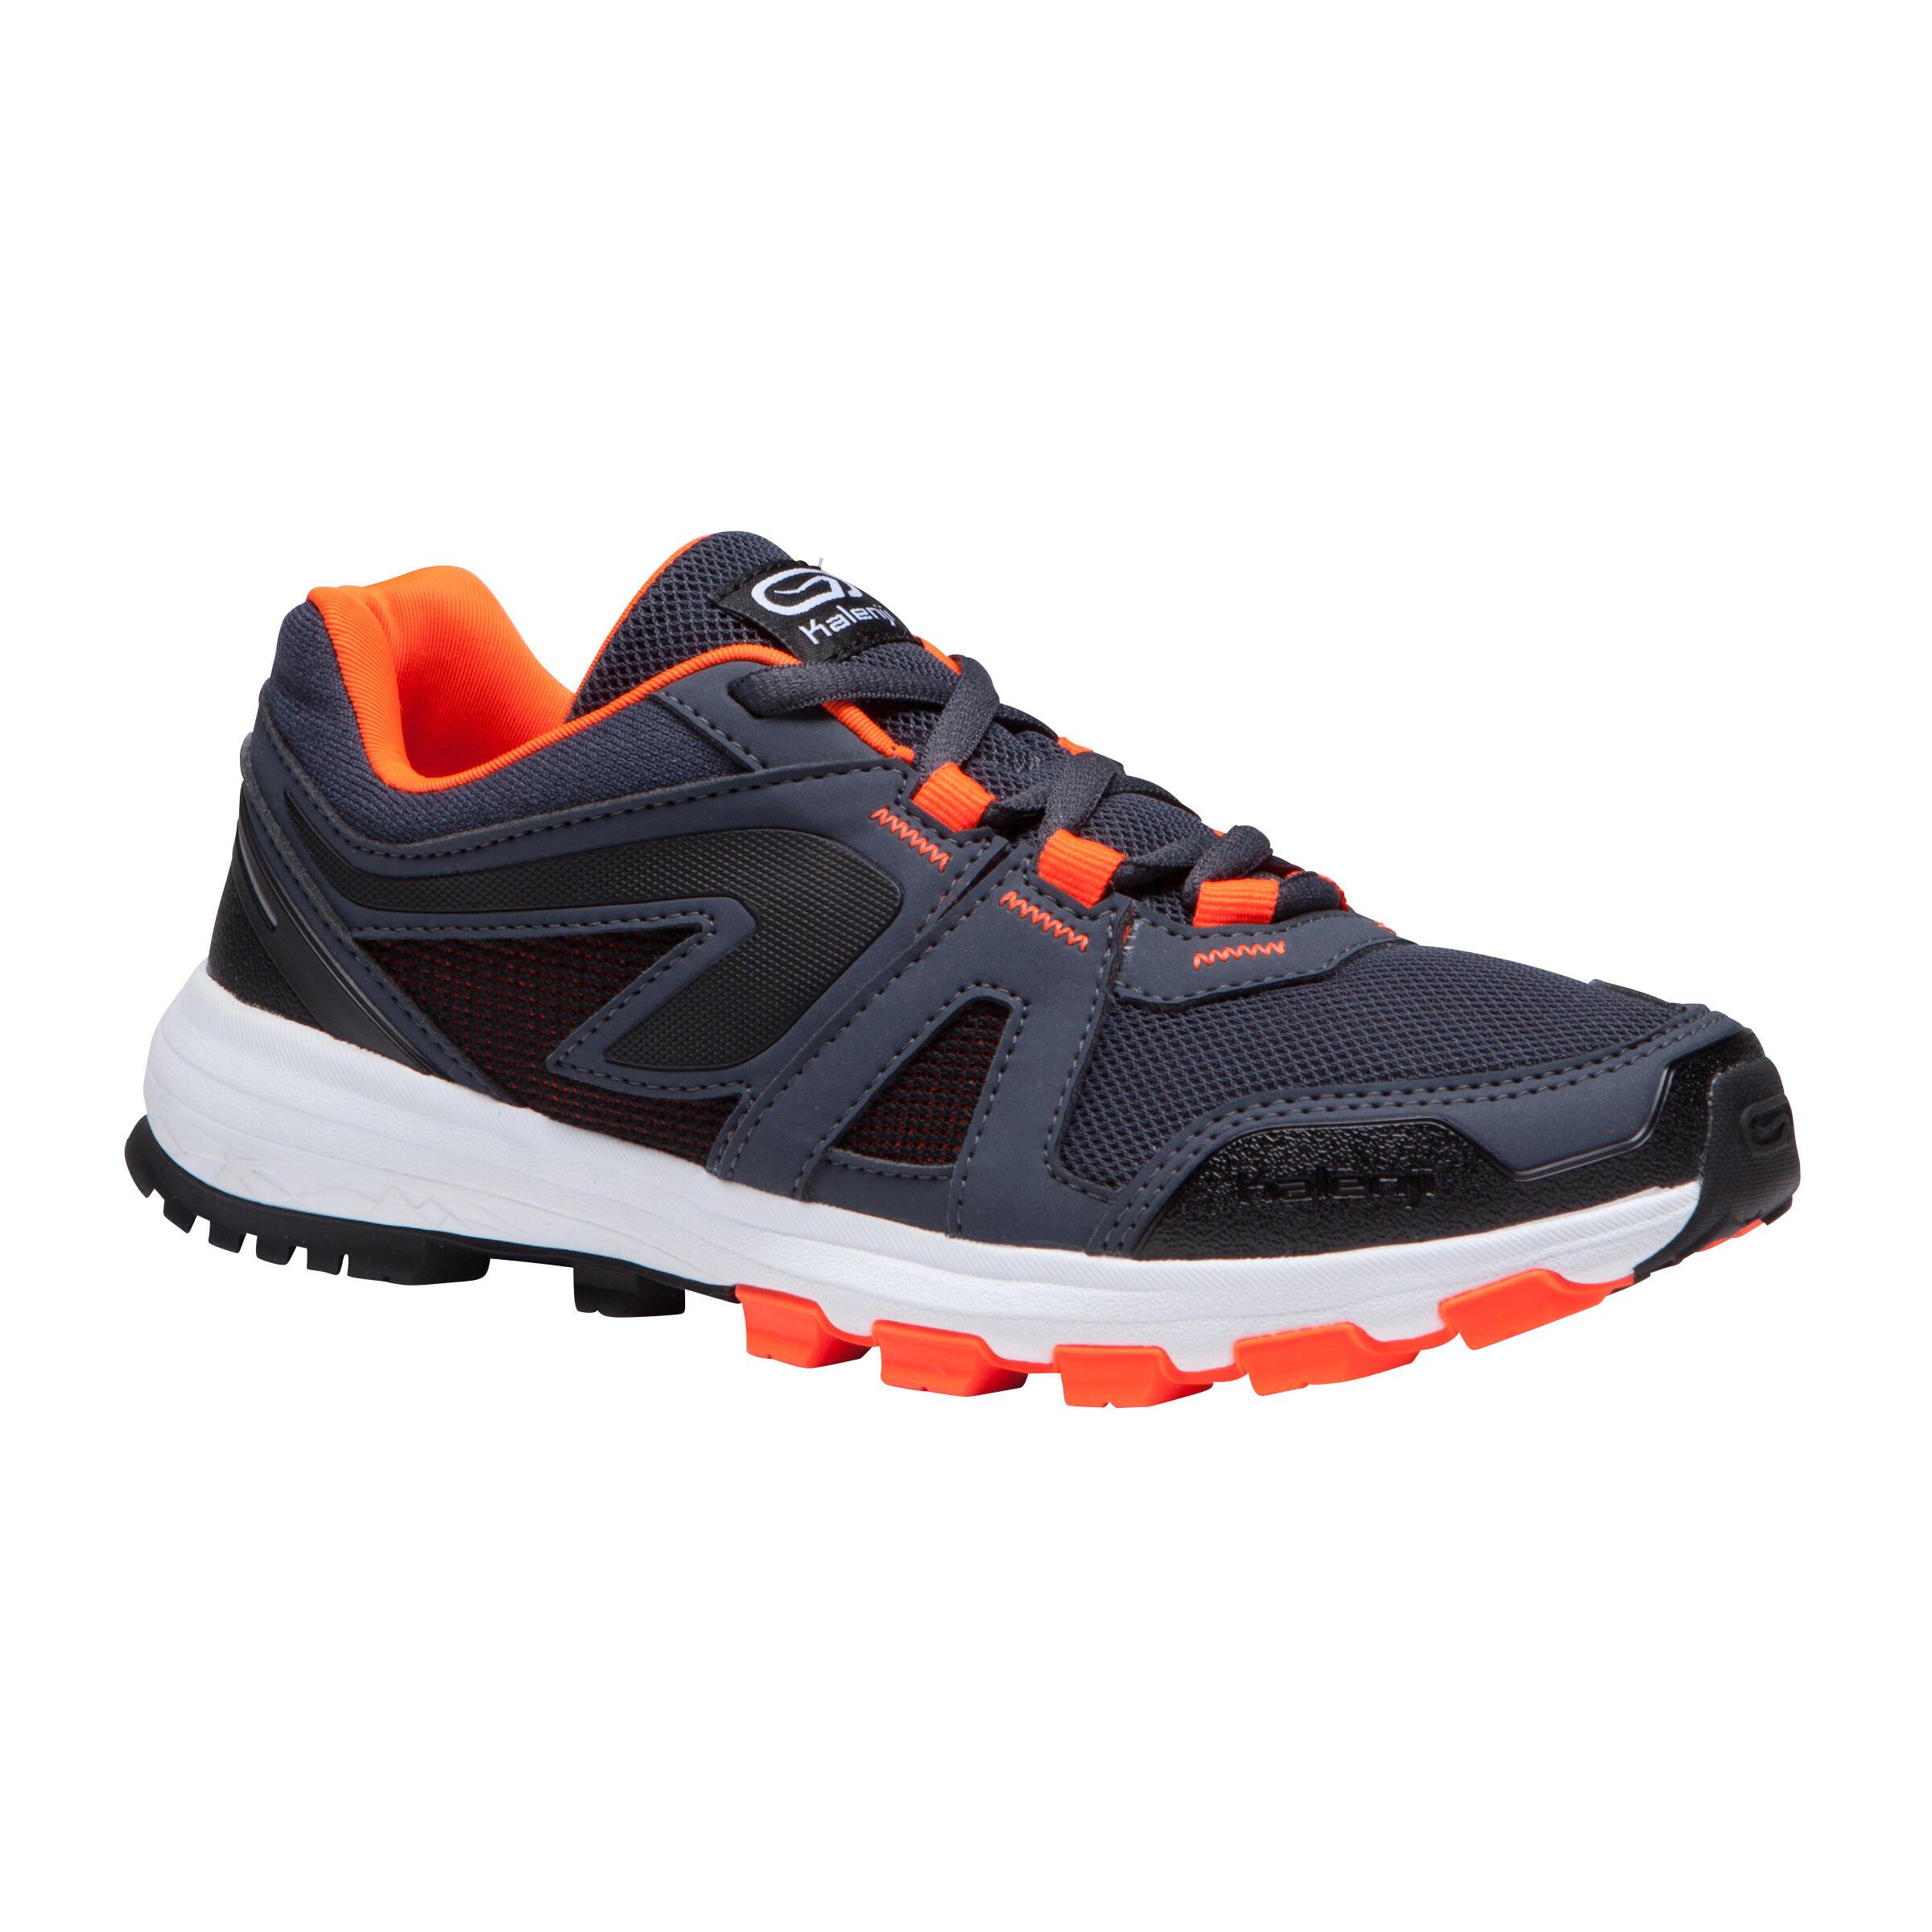 30e1d2aad Comprar Zapatillas de running para correr de niño